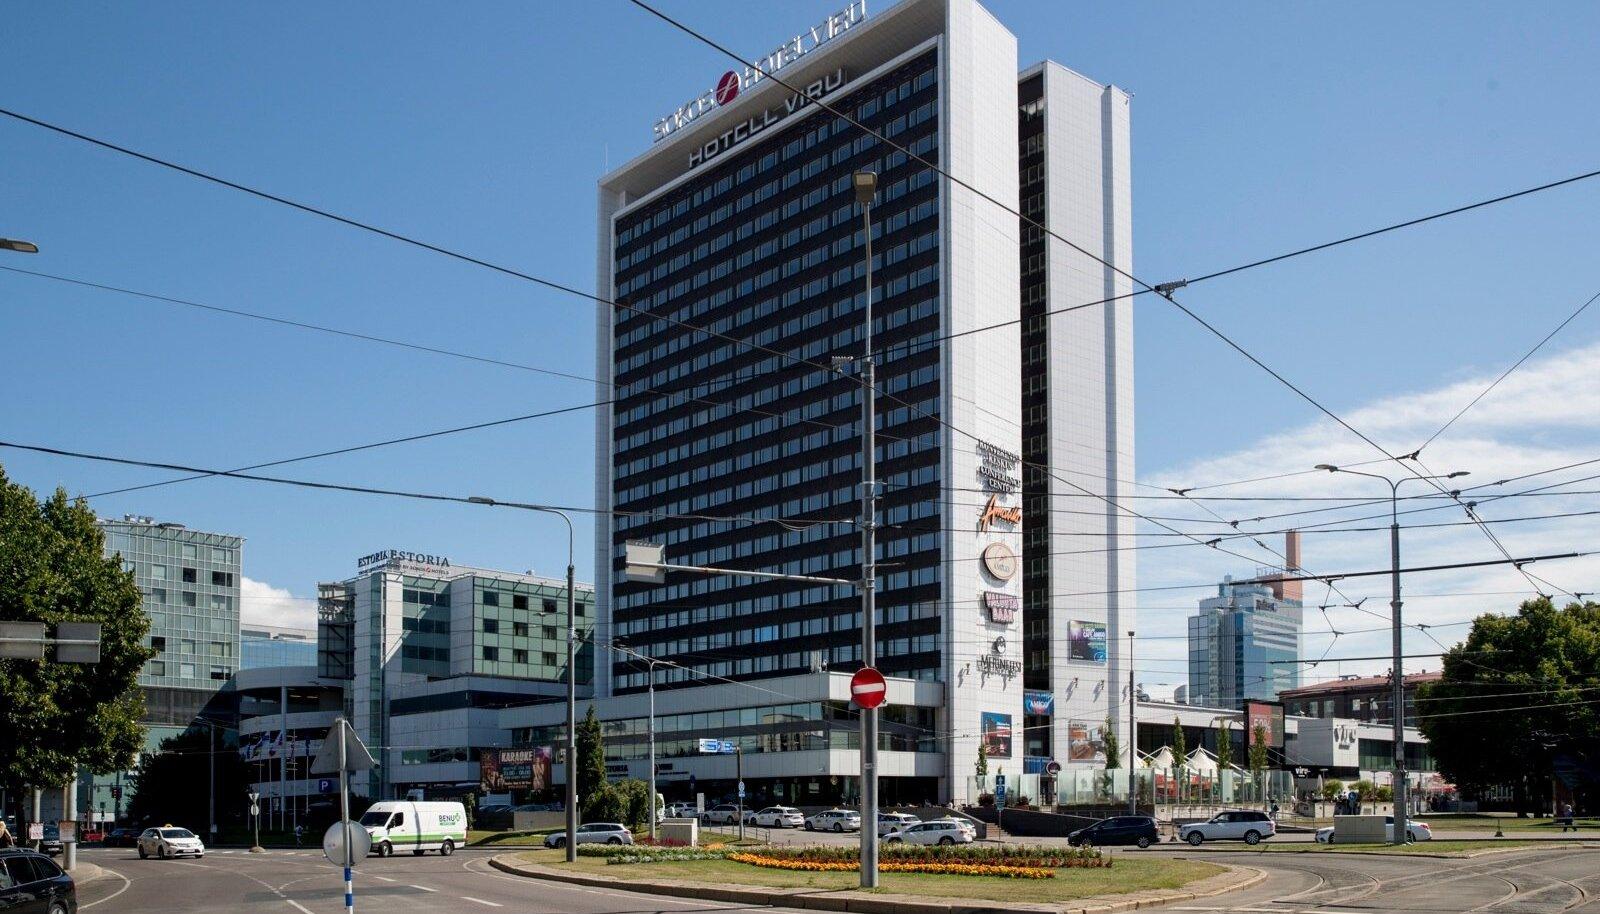 Tallinna vaated, Viru hotell